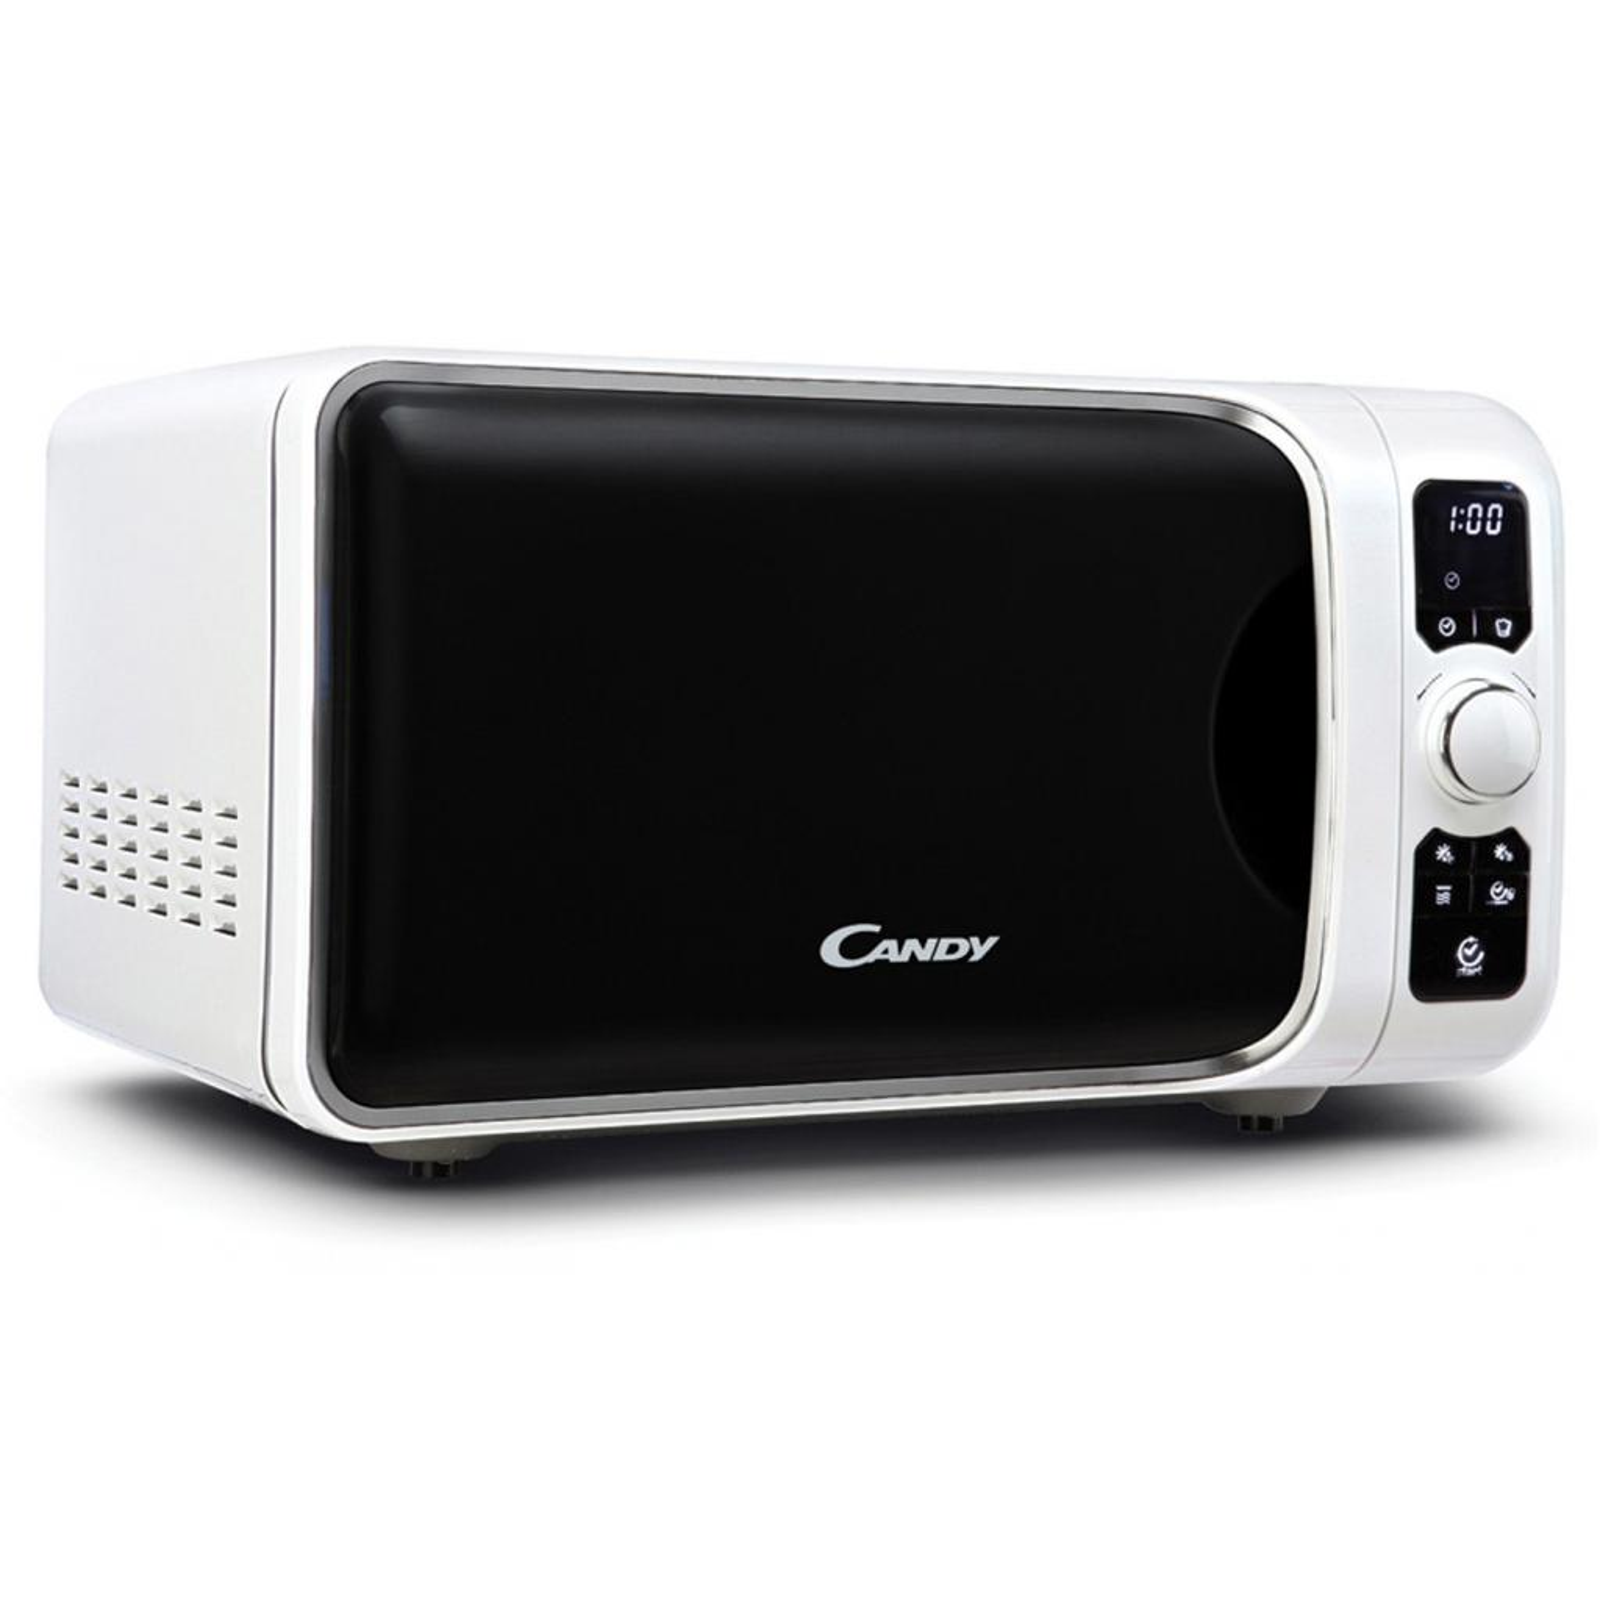 Микроволновая печь CANDY EGO G 25 DCW (EGO-G25DCW) изображение 2